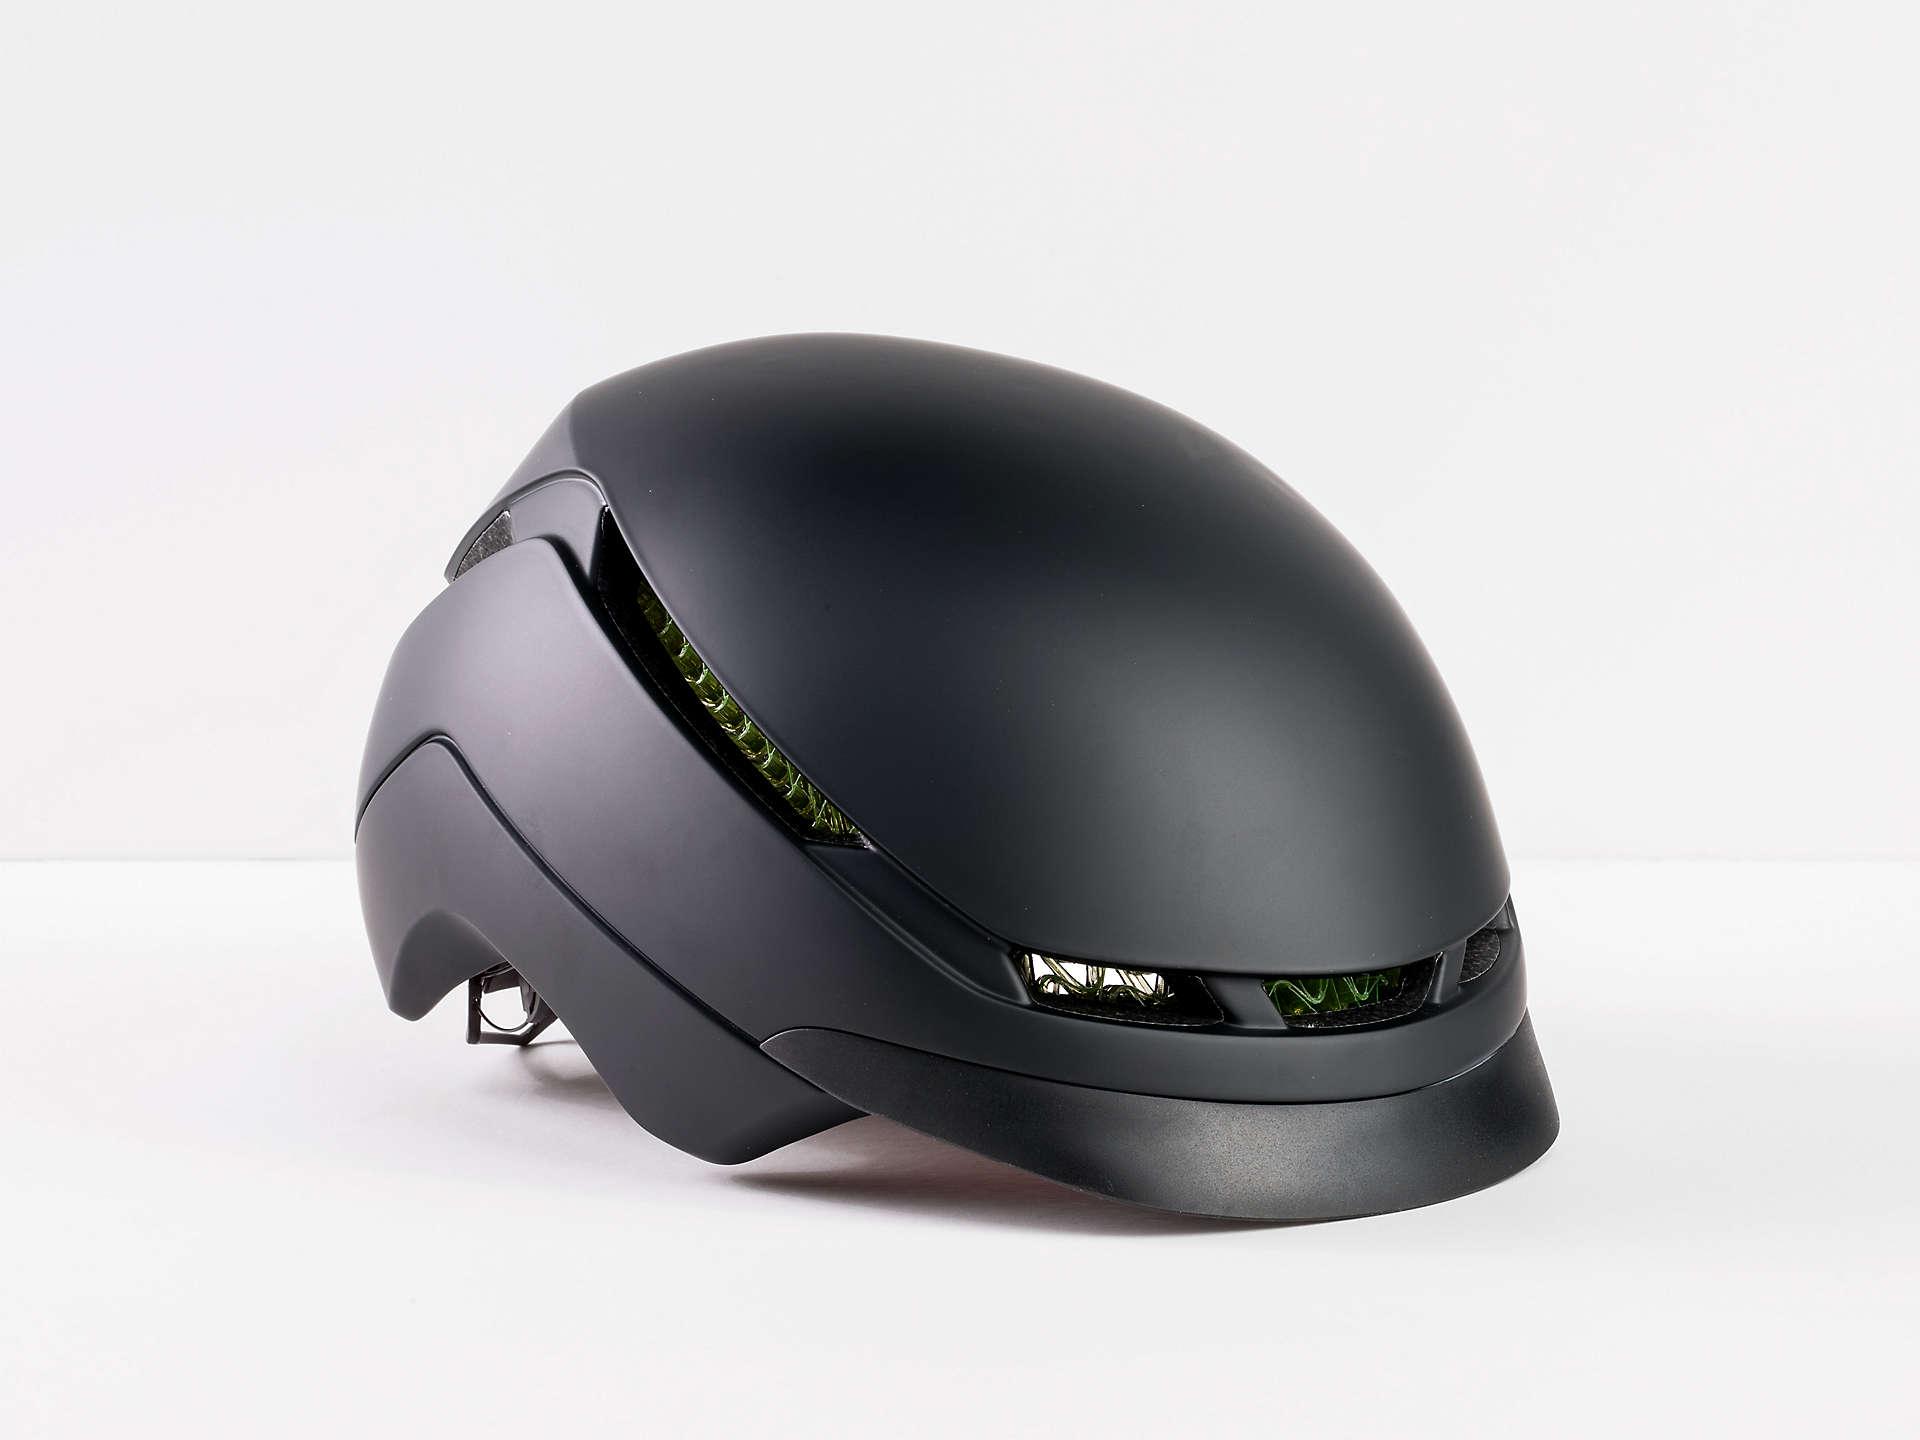 El casco que es hasta 48 veces más eficaz en la prevención de conmociones cerebrales